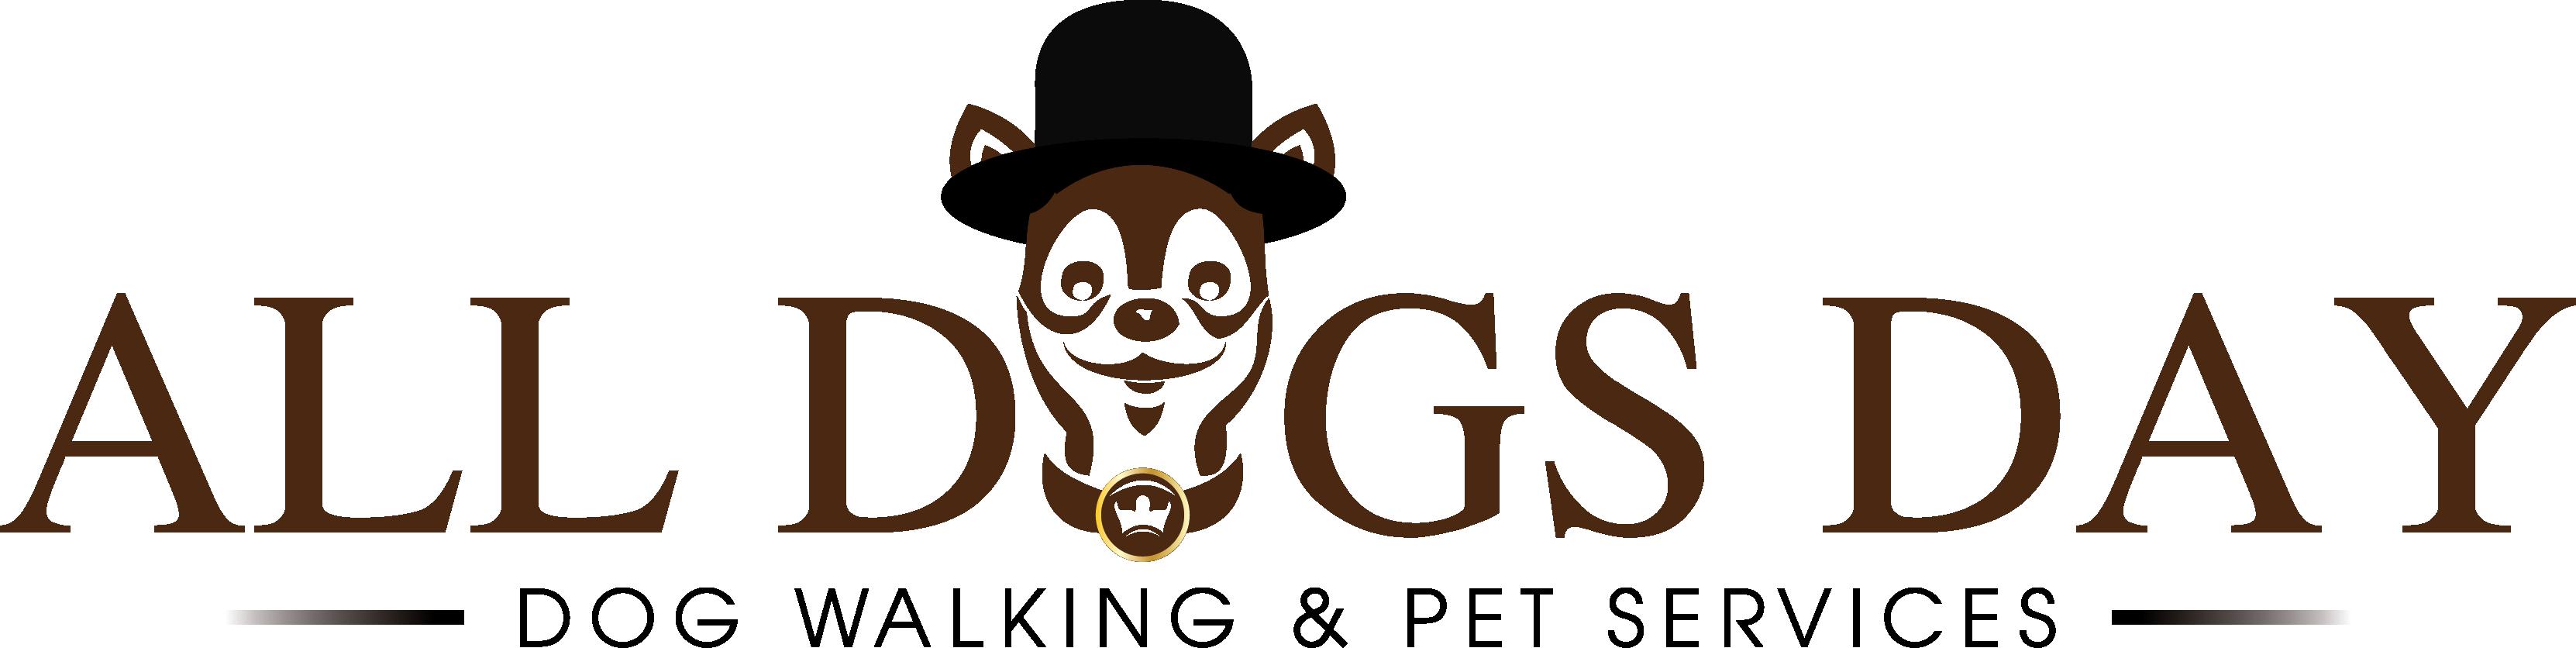 ALLDOGSDAY Logo